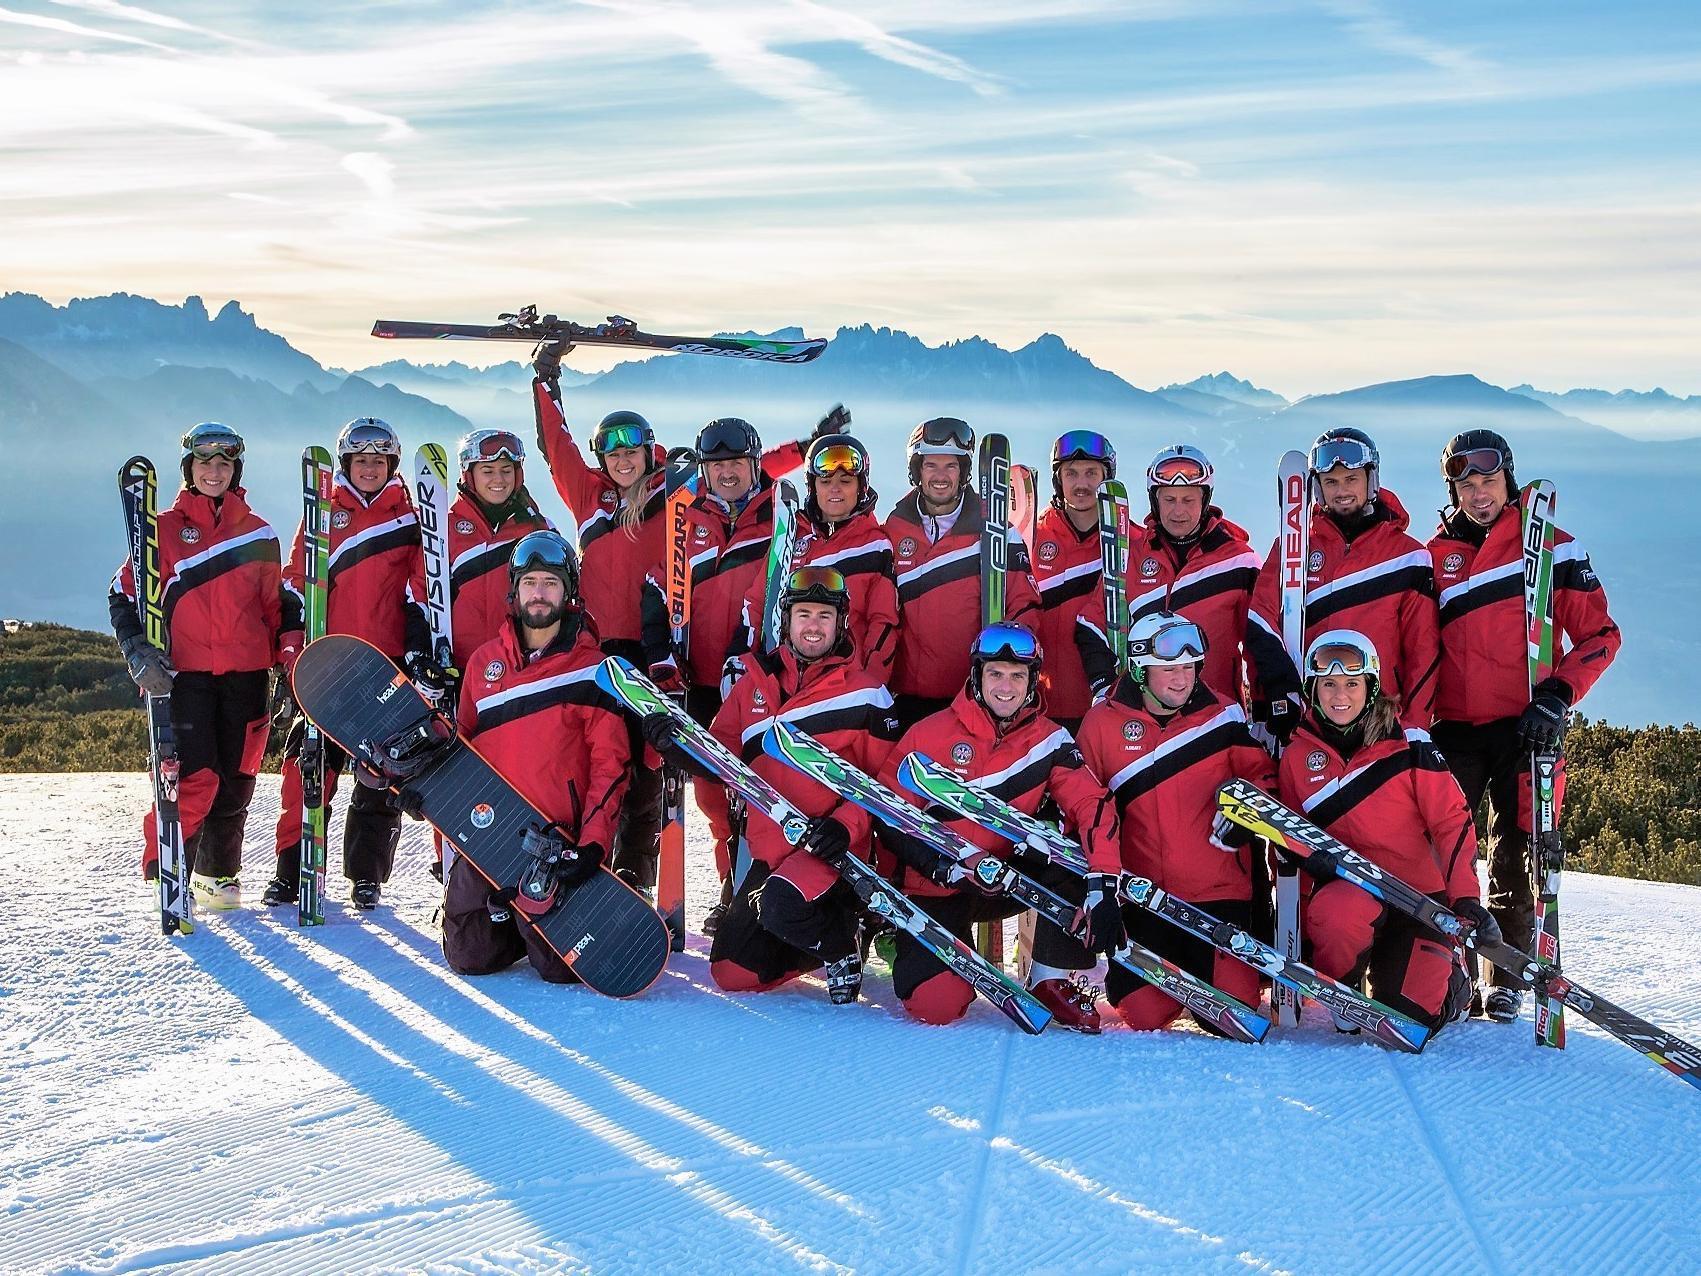 Ski school Corno Renon